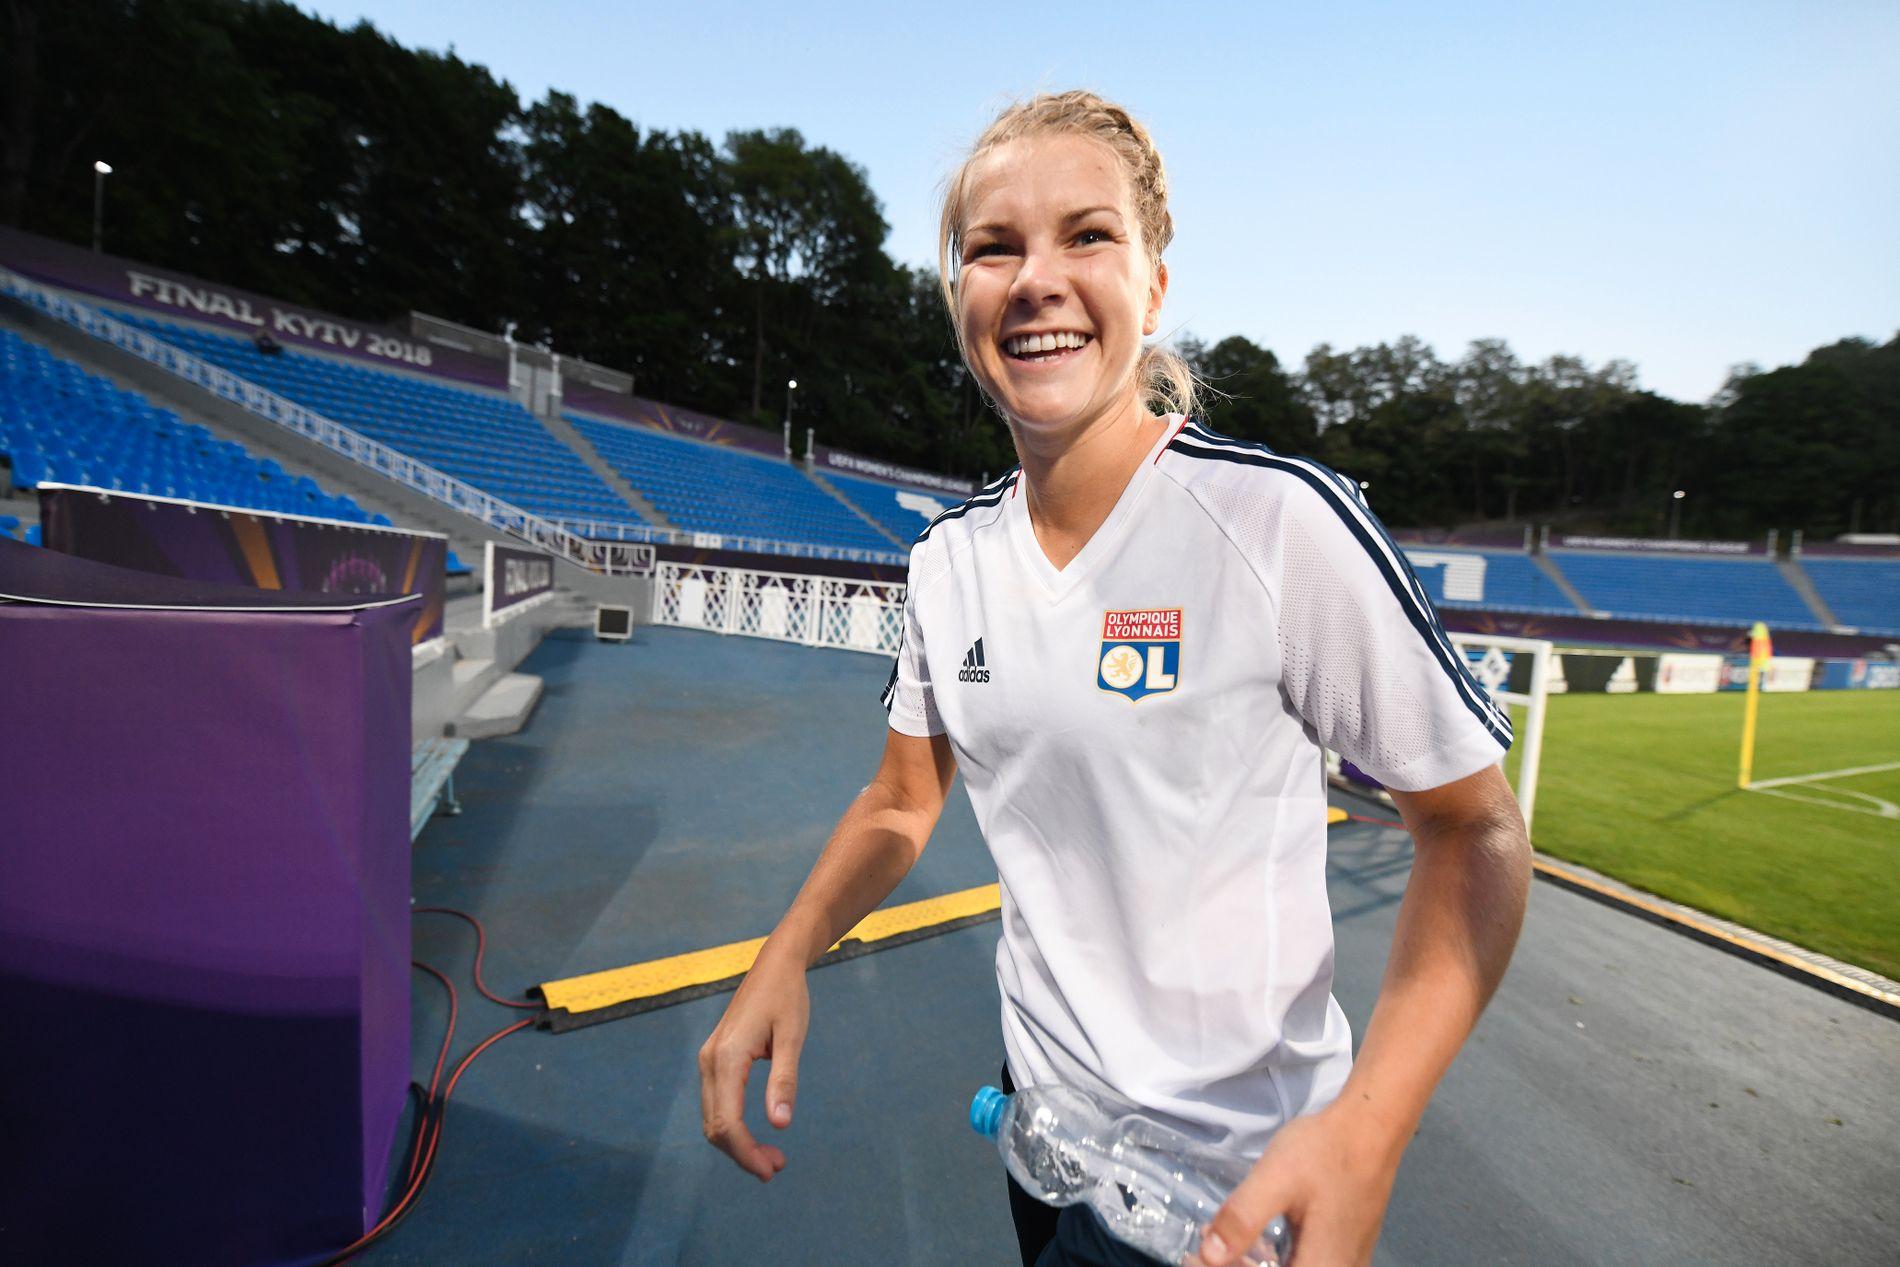 FANT LYKKEN: Det er ikke bare på fotballbanen at Ada Hegerberg har scoret. Nå er hun forlovet med Lech Poznan-spilleren Thomas Rogne.